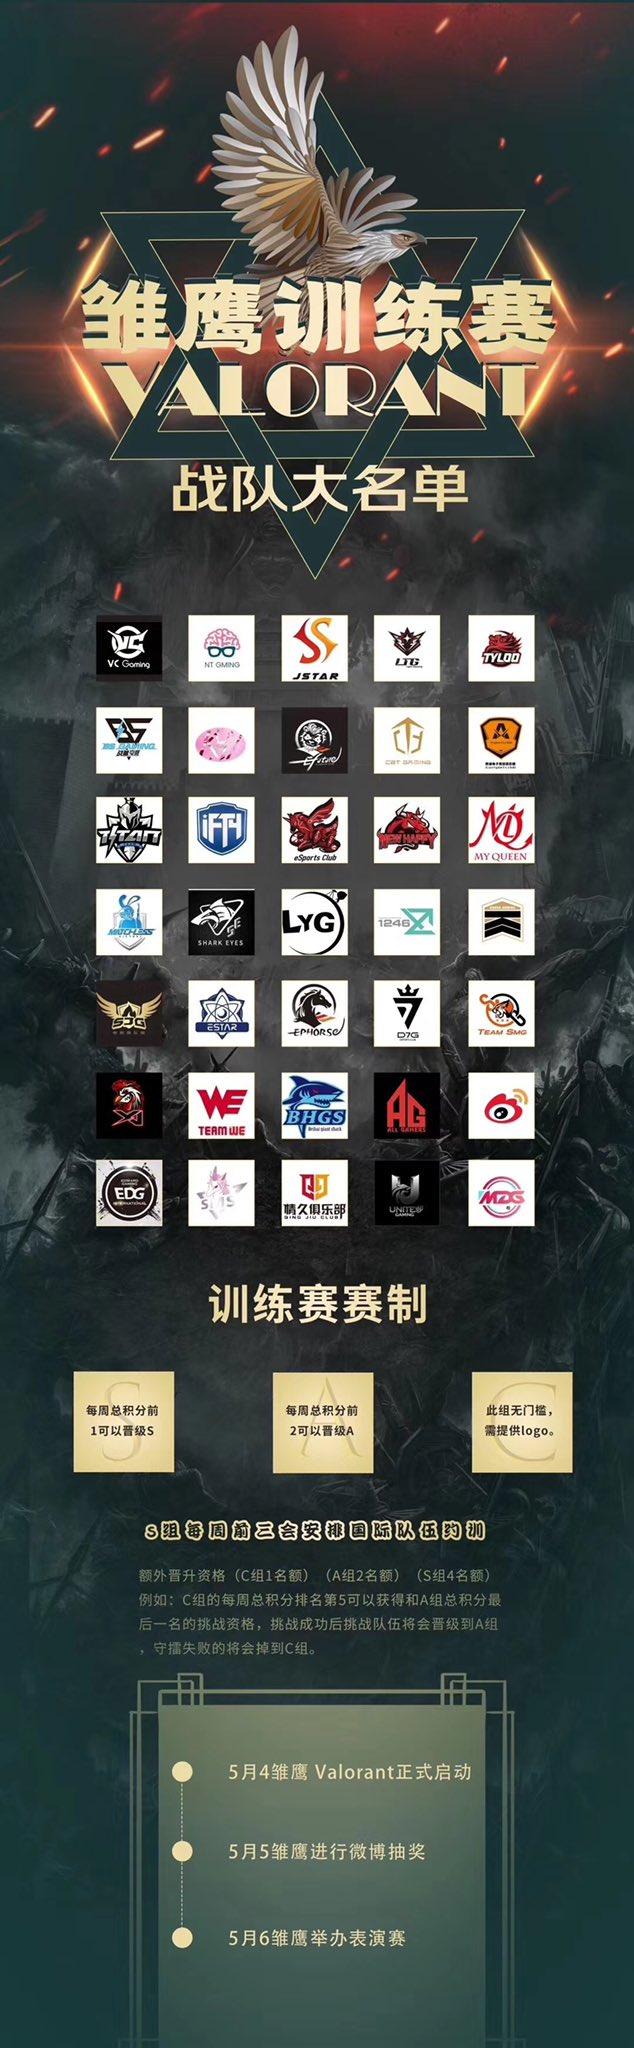 VALORANT china pro teams